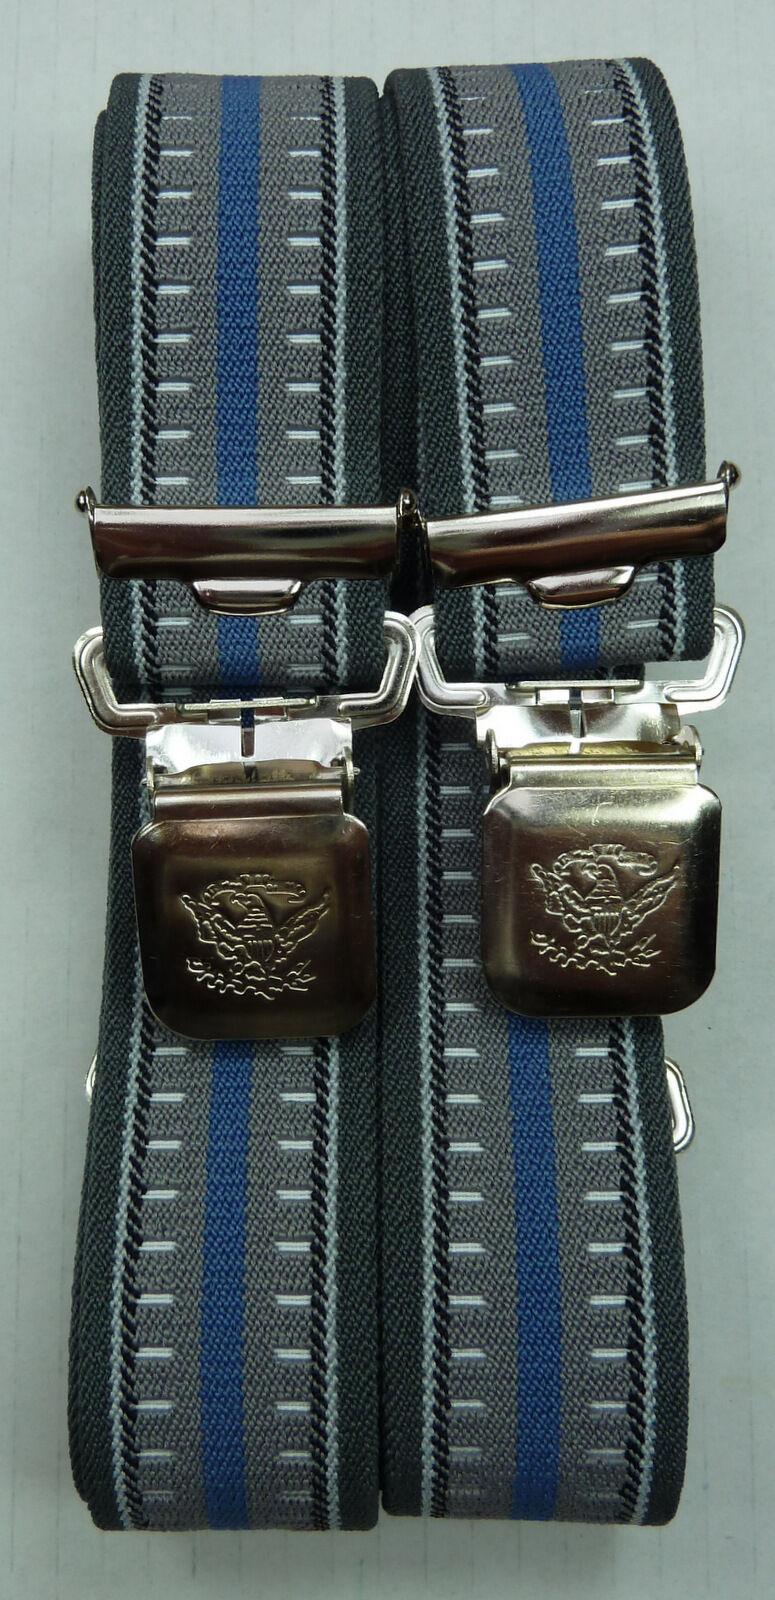 Hosenträger, grau-blau,35mm breit, Biker Hosentäger, extra starker Alligator